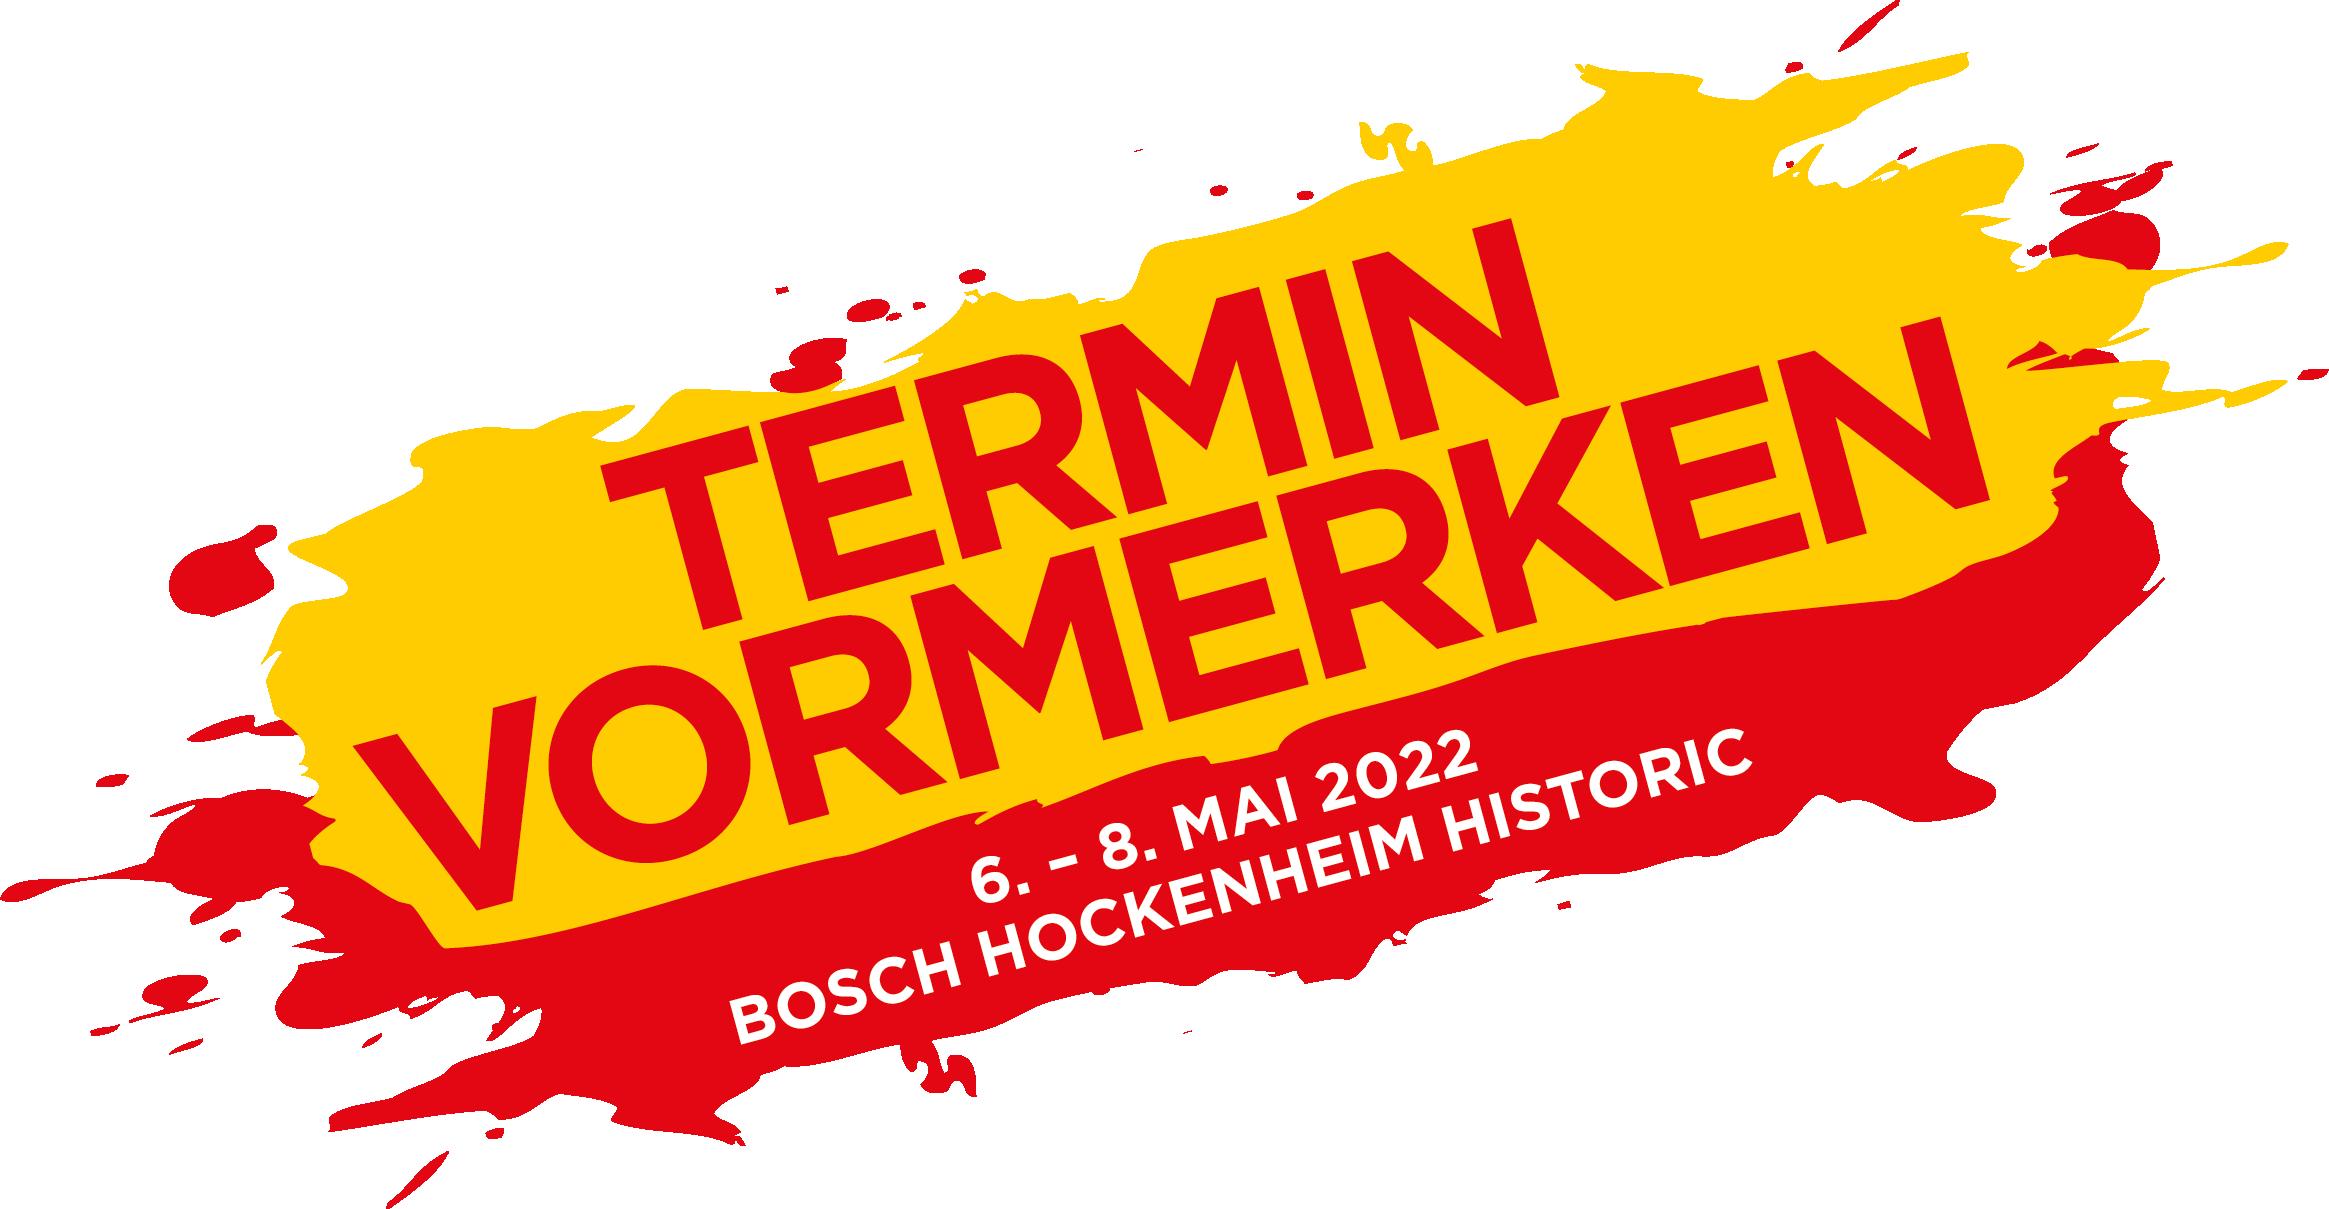 TERMIN_VORMERKEN_6_8_2022